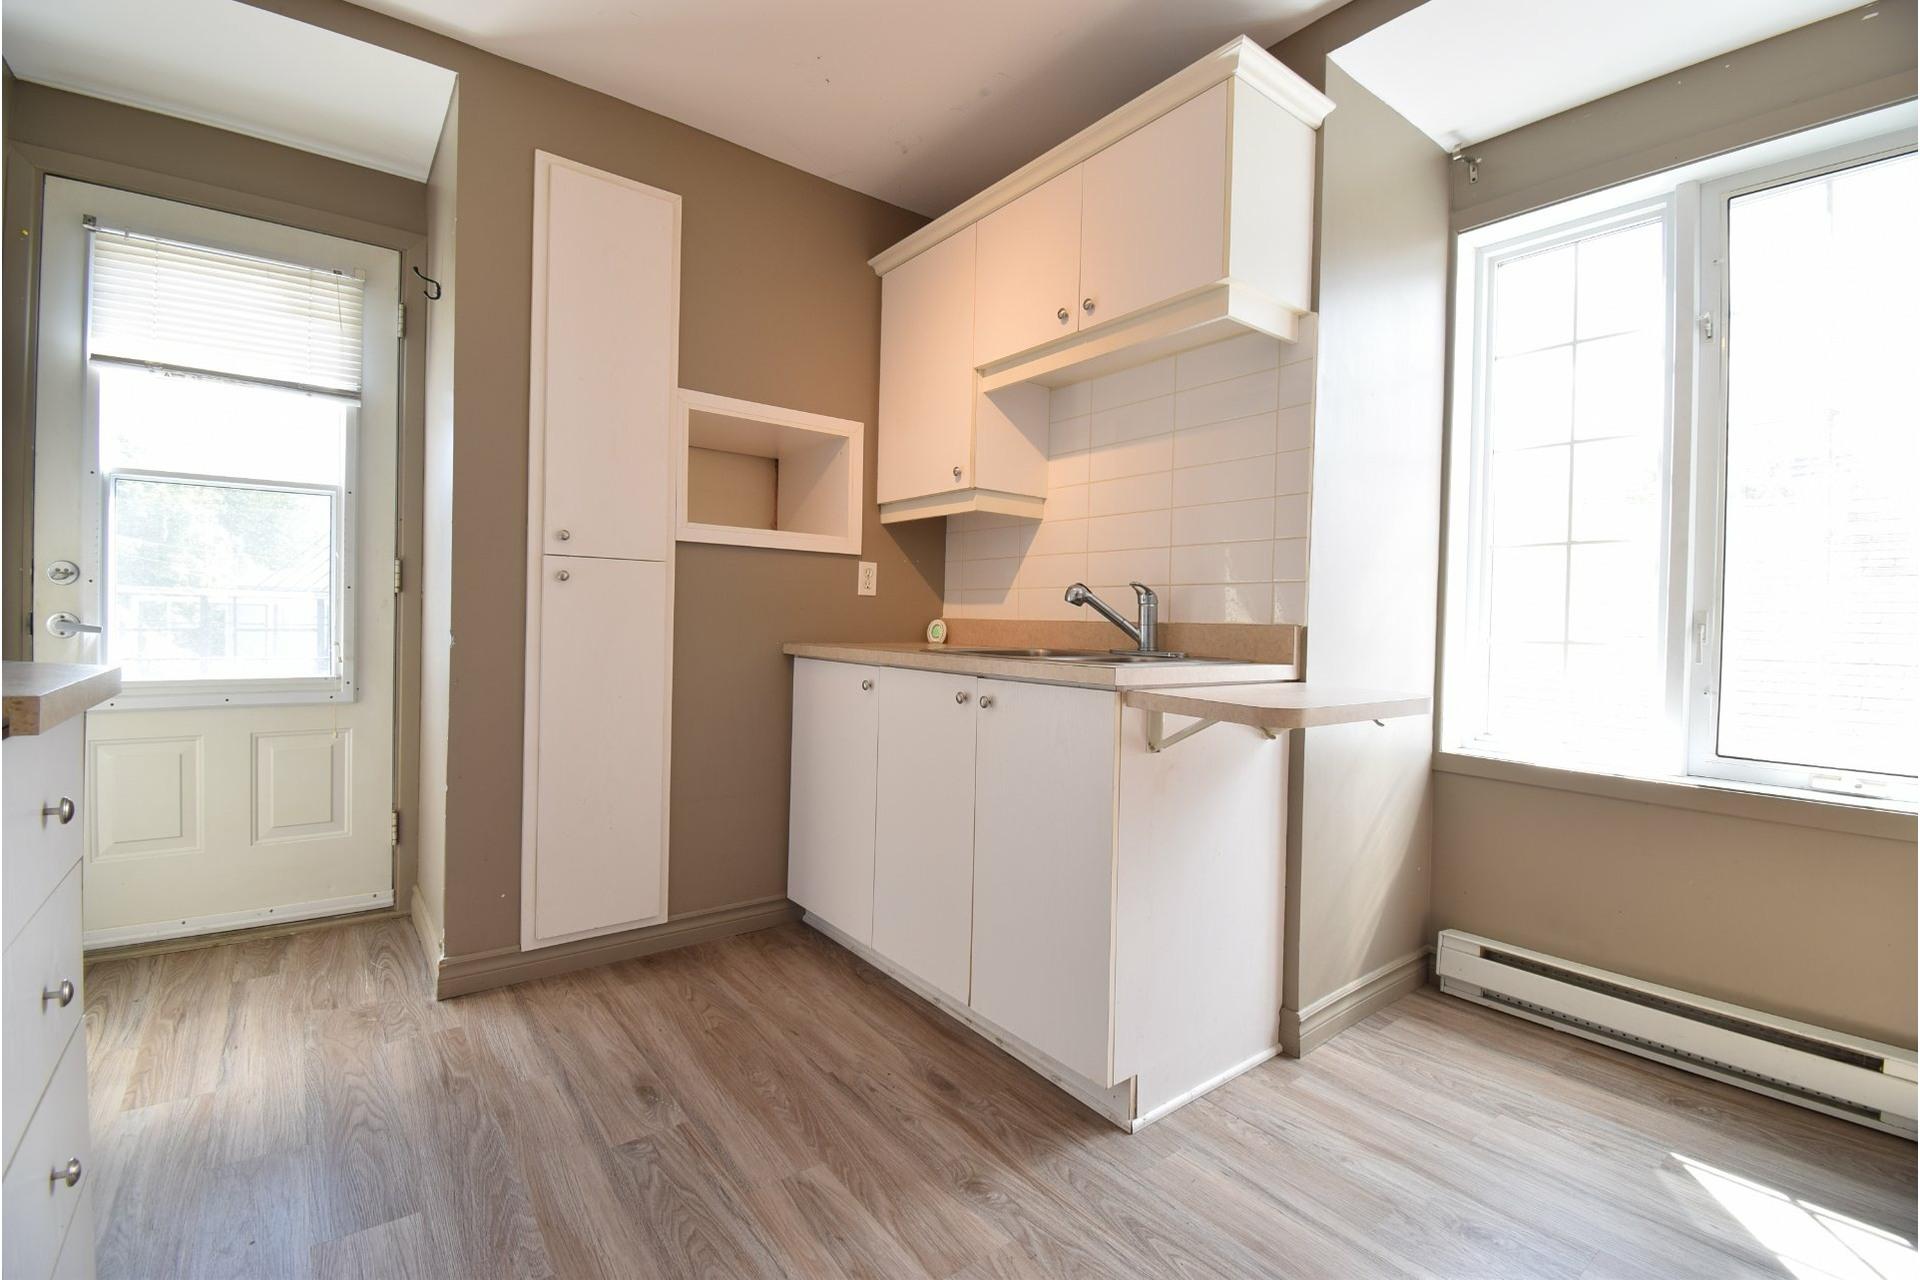 image 16 - Duplex À vendre Trois-Rivières - 4 pièces